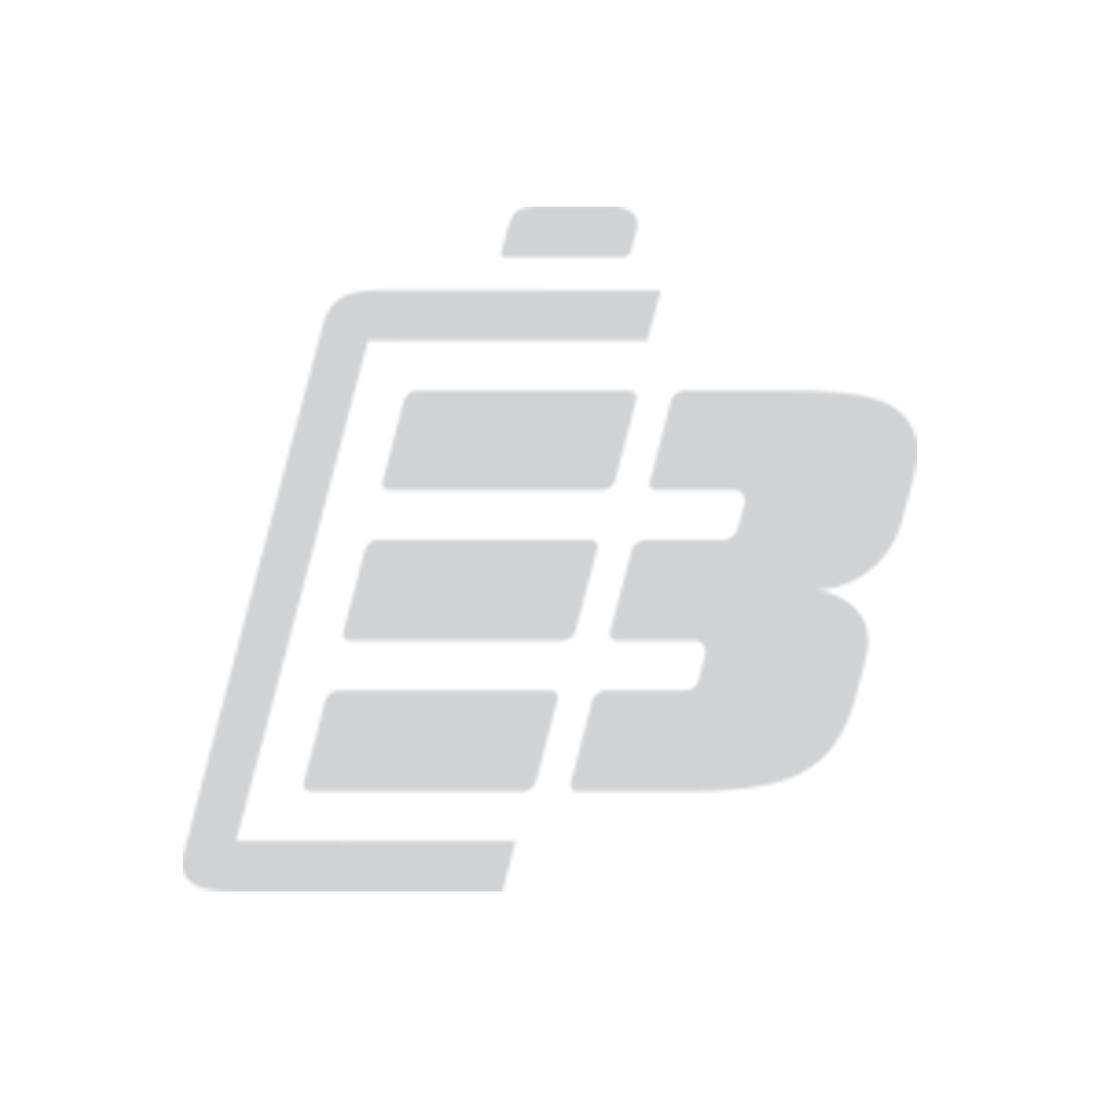 Μπαταρία κινητού τηλεφώνου Blackberry 7100_1